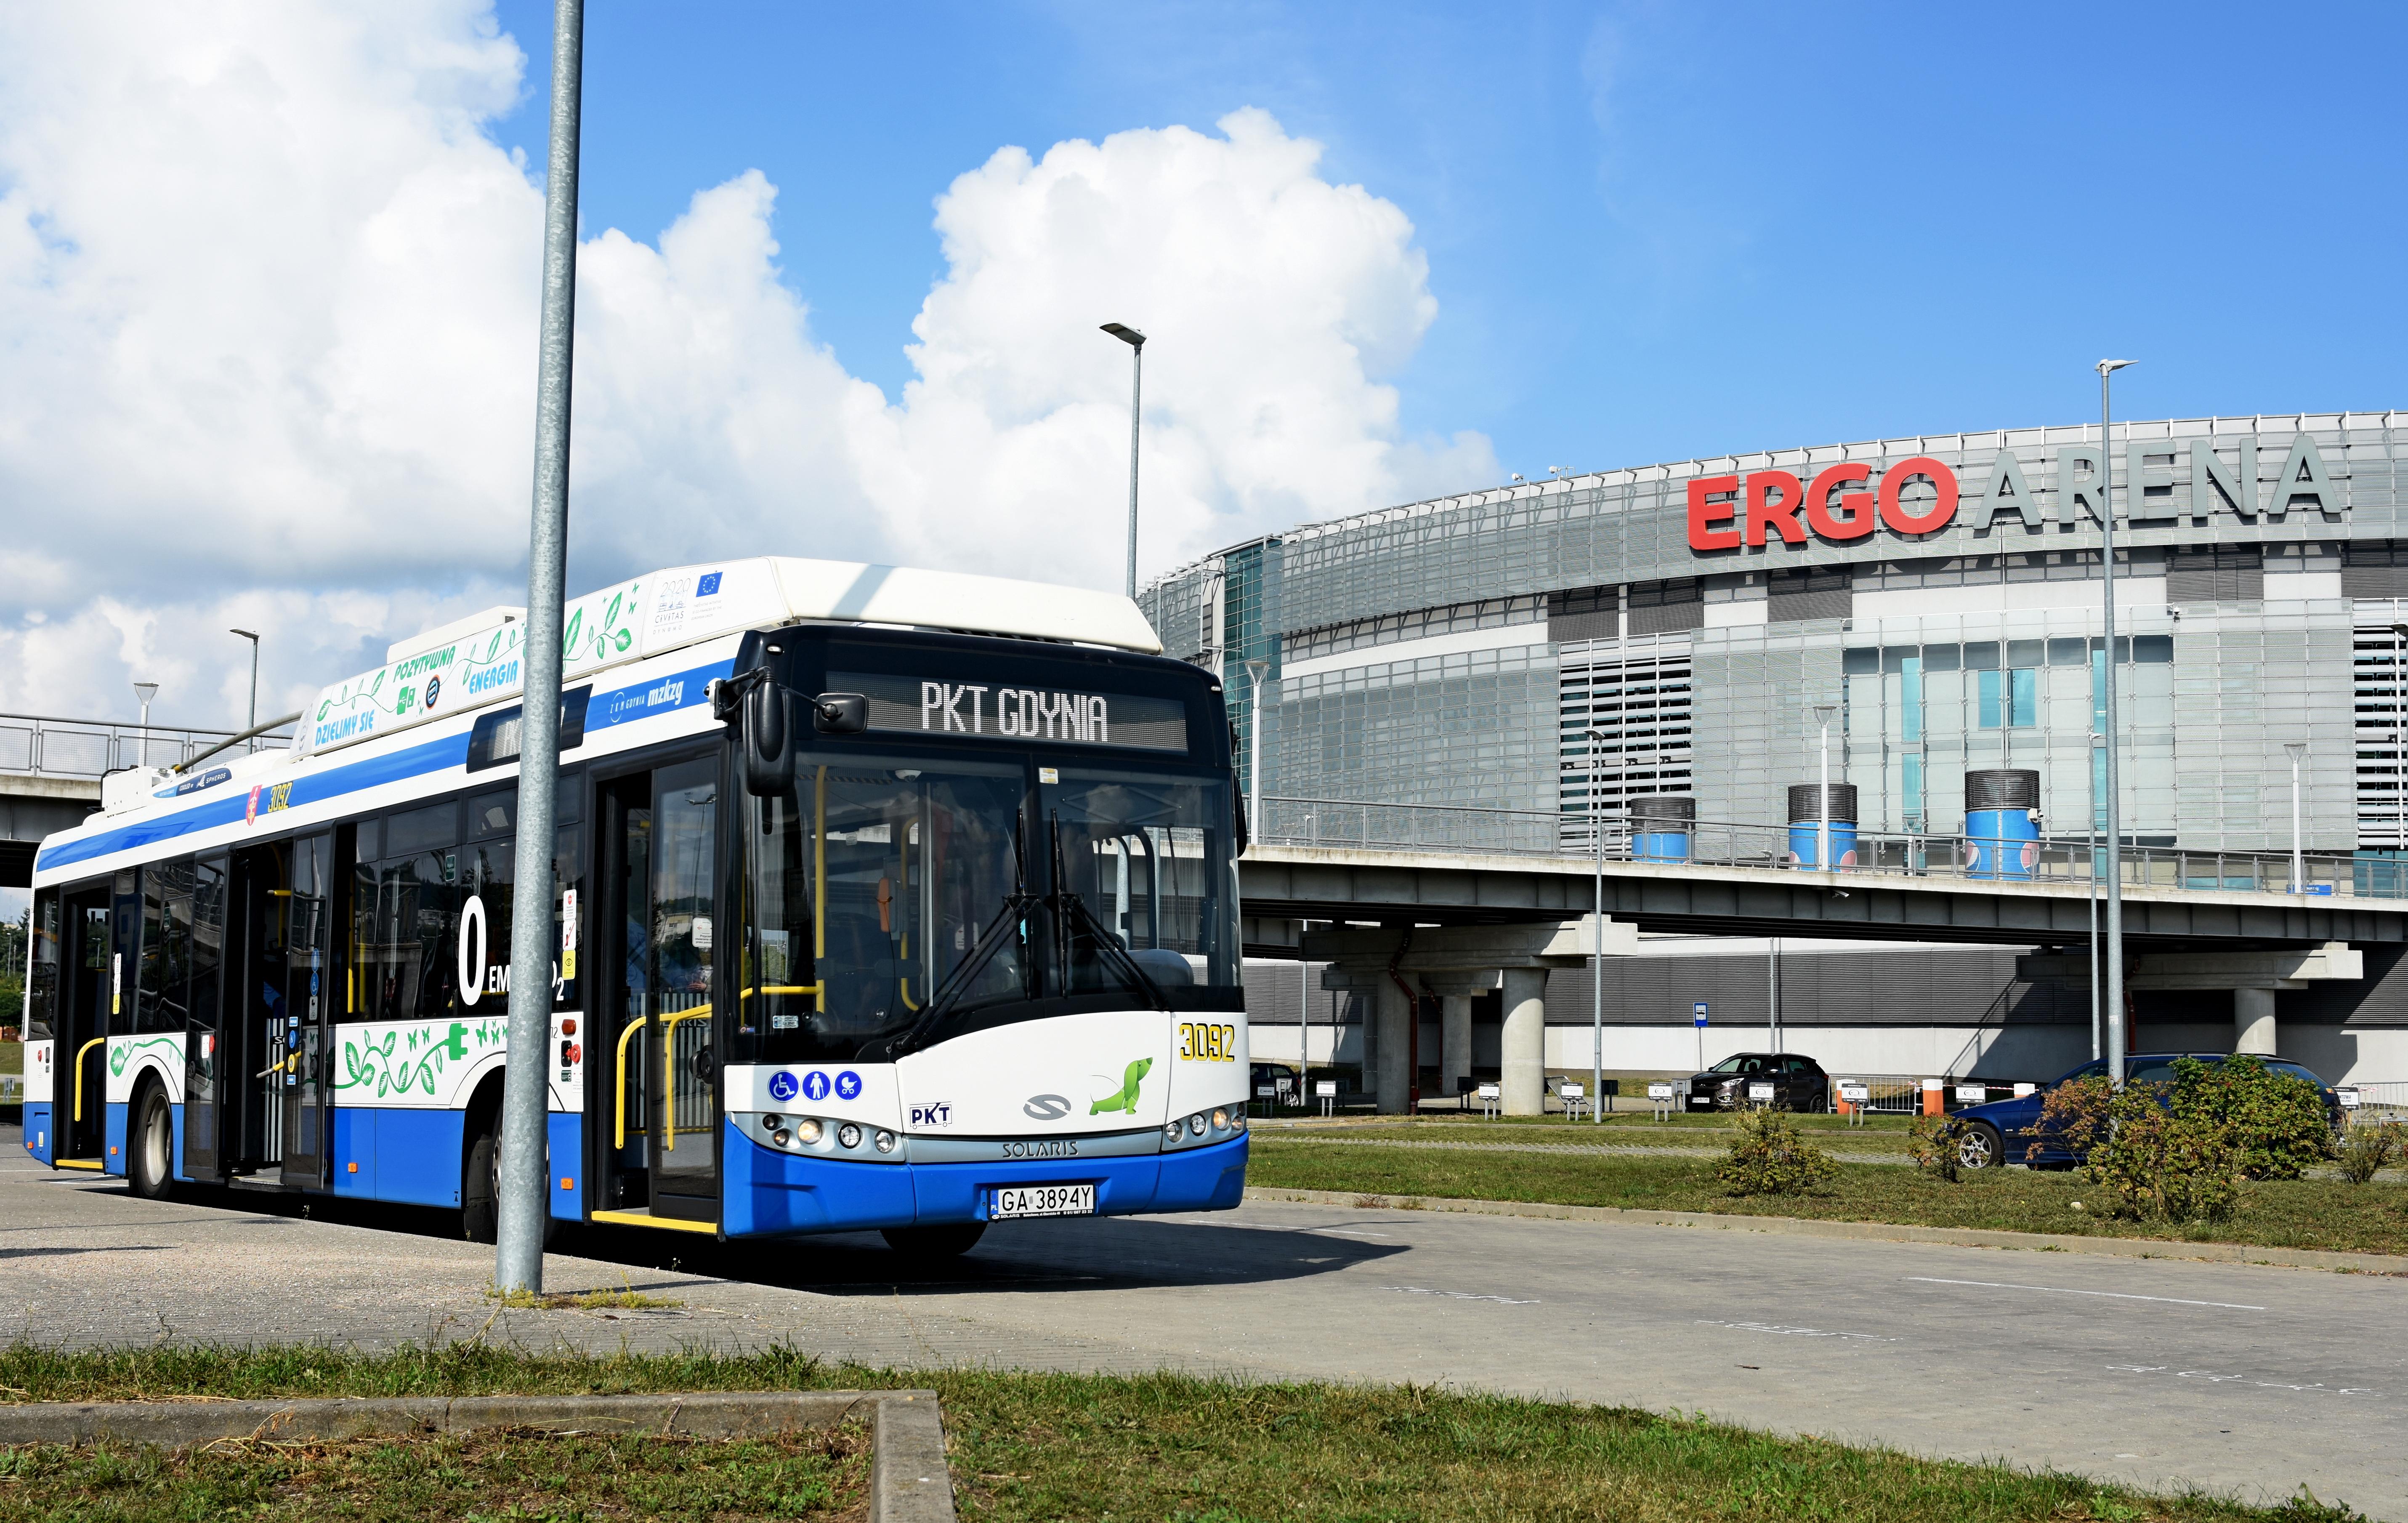 Dzięki nowoczesnym bateriom litowo-jonowym gdyńskie trolejbusy dojeżdżają do Ergo Areny. Trasę obsługują nowoczesne pojazdy Solaris Trollino, fot. K. Złoch